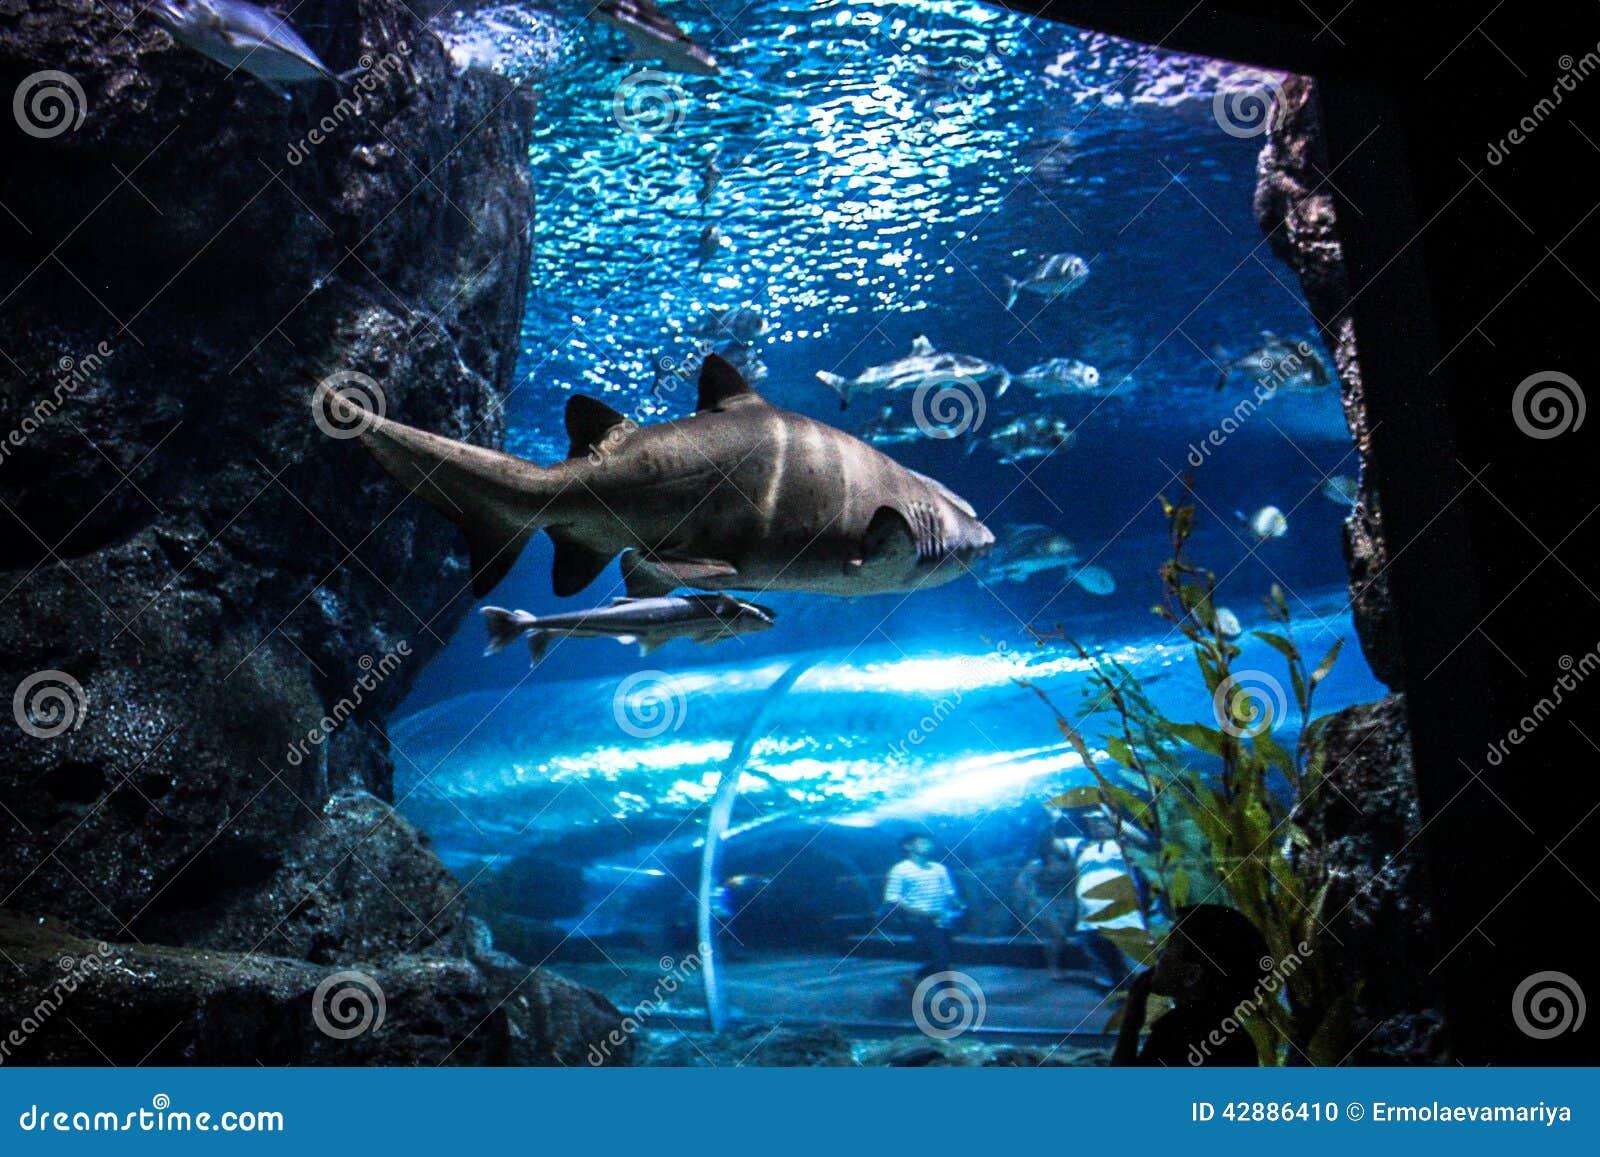 Fish for natural aquarium - Shark With Fish Underwater In Natural Aquarium Stock Photo